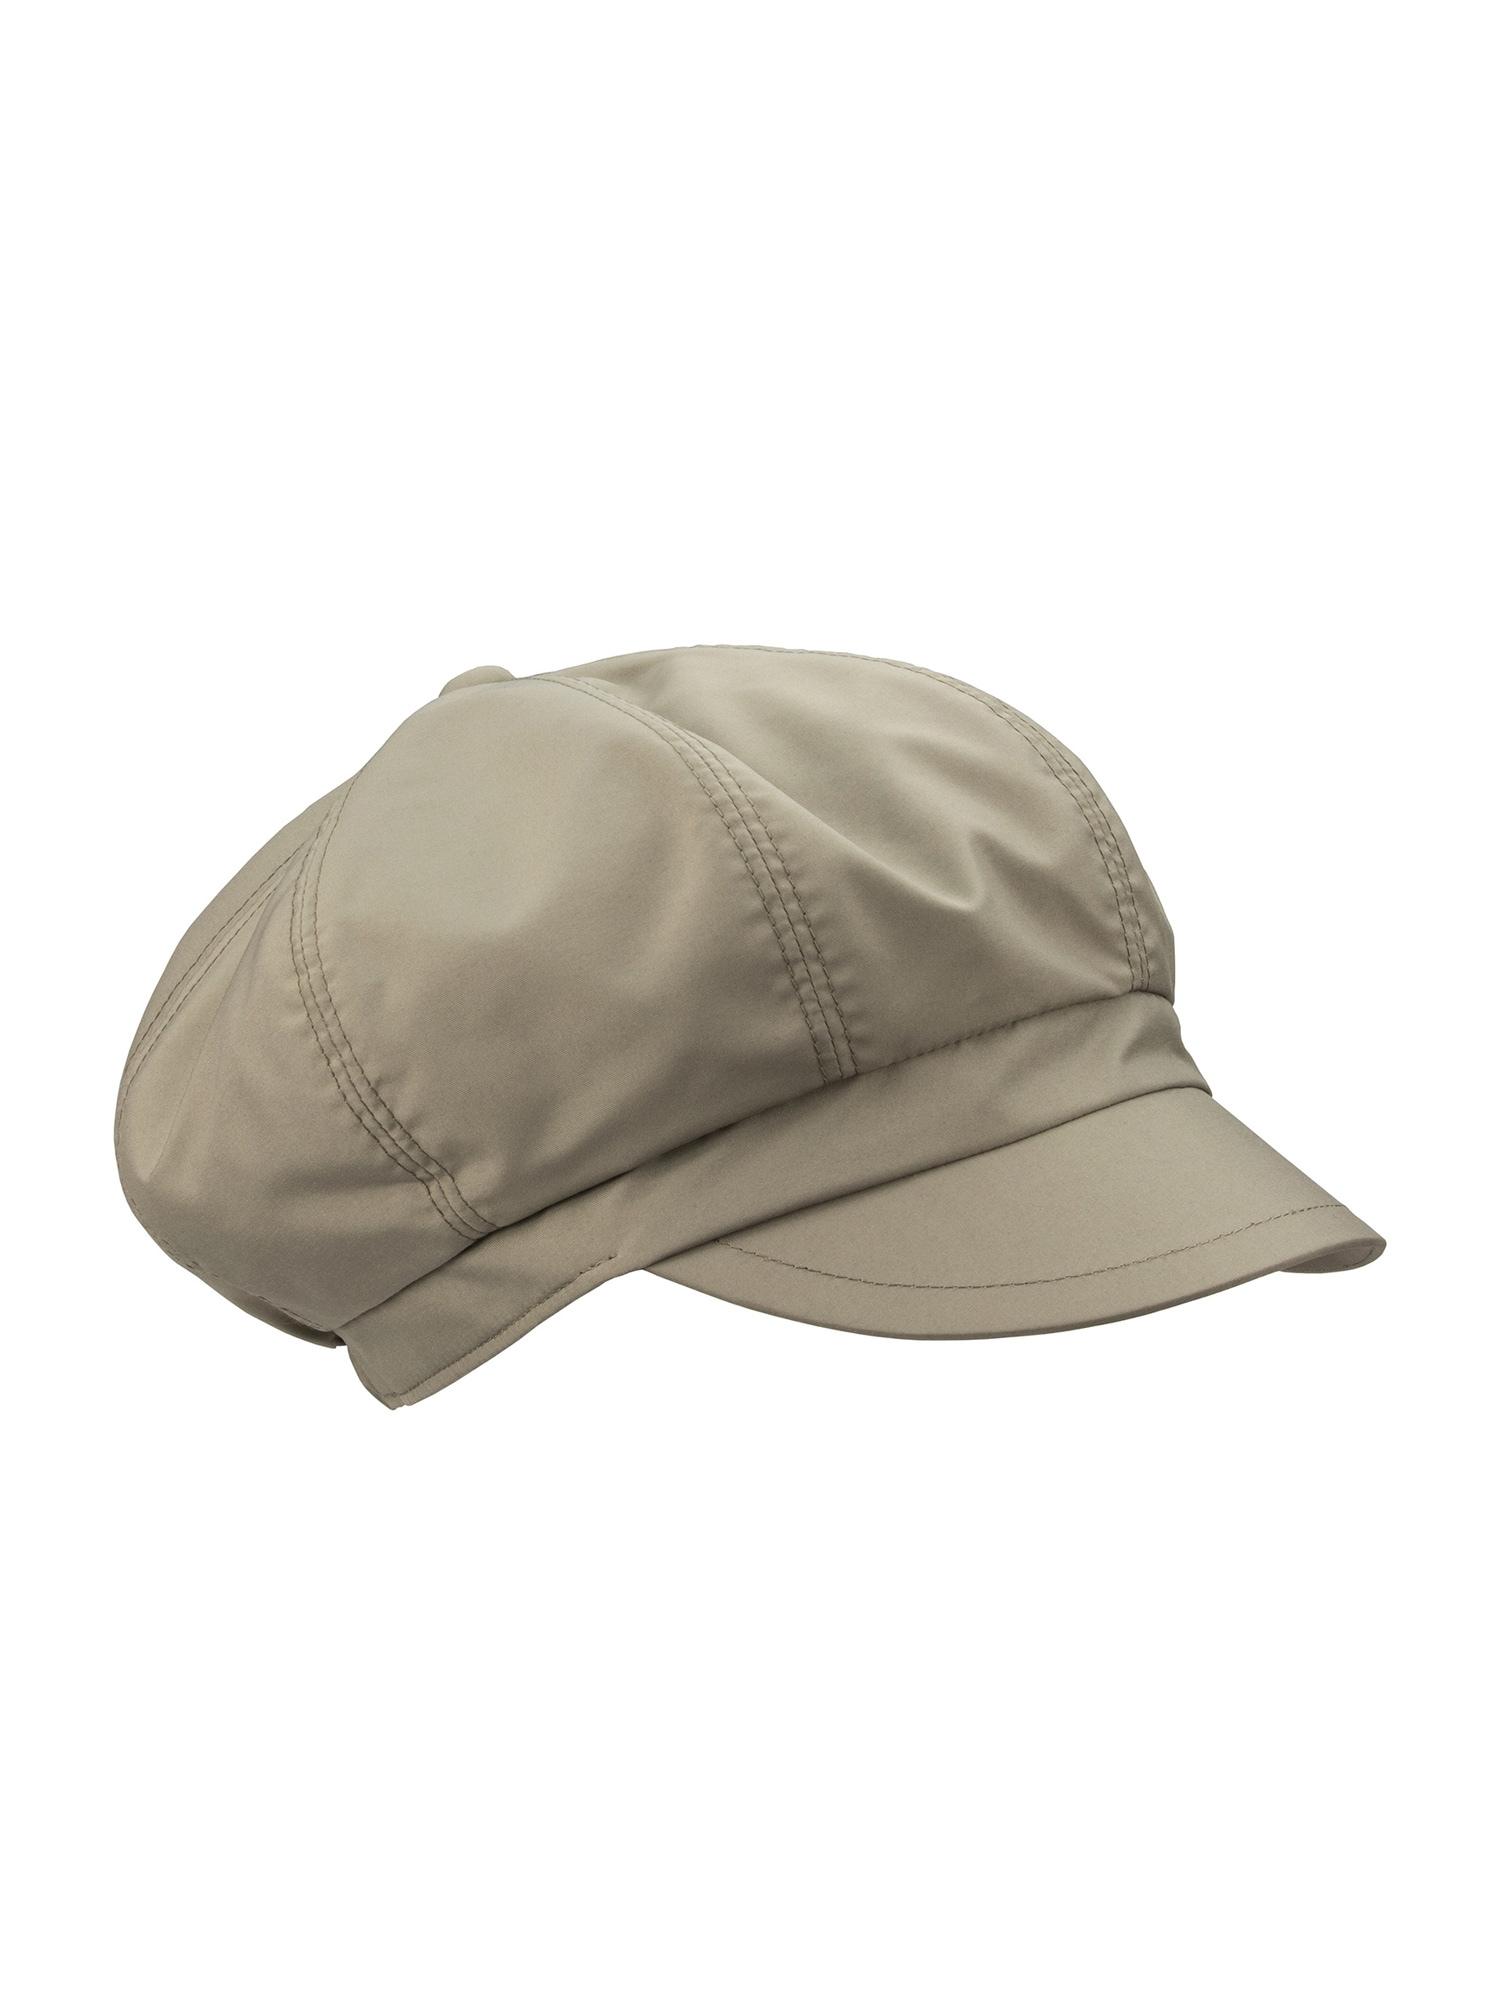 Regenkappe | Accessoires > Caps > Sonstige Caps | LOEVENICH